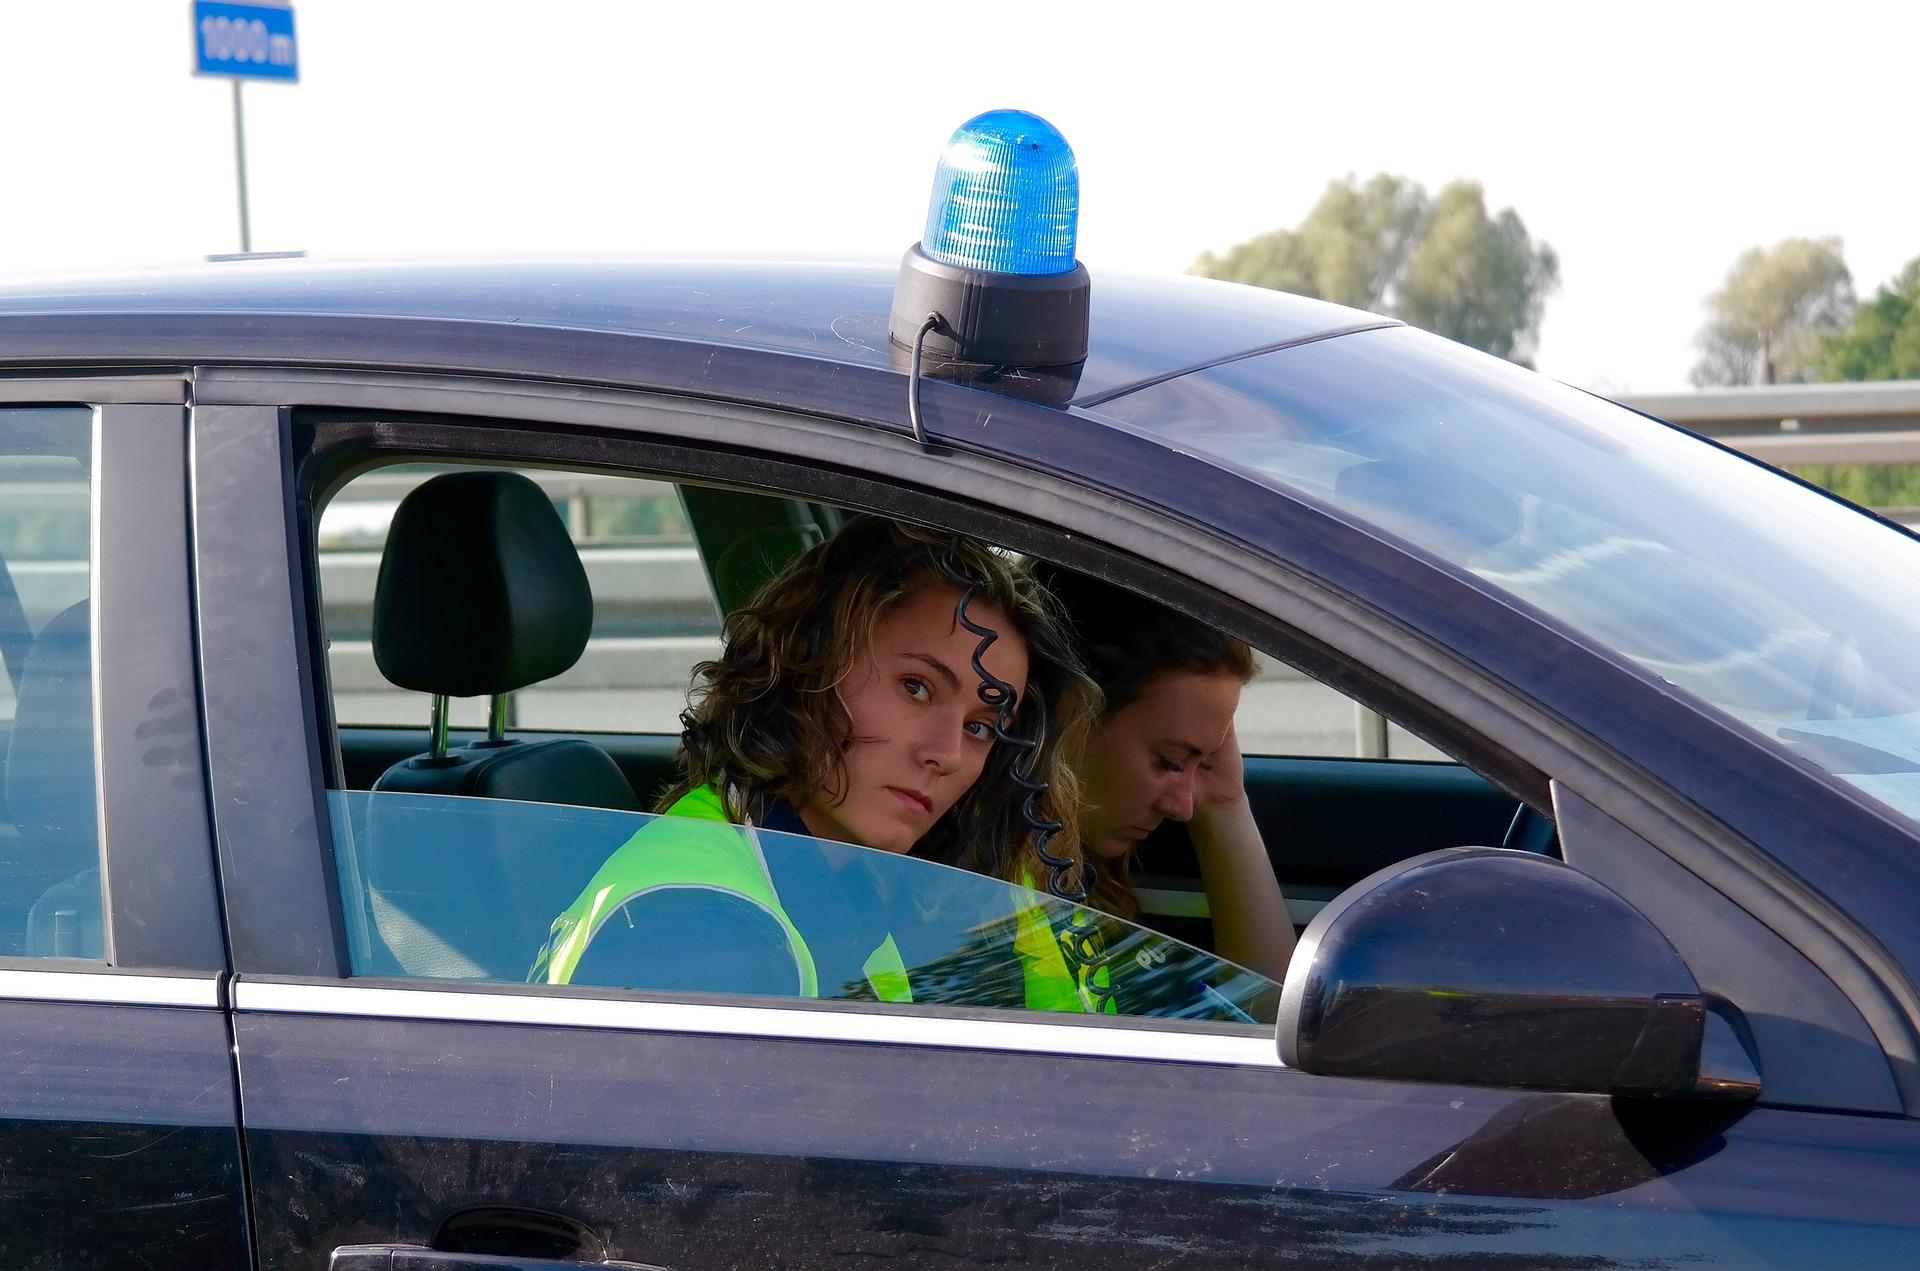 Znacznie przekroczyli prędkość - stracili prawo jazdy! - Zdjęcie główne